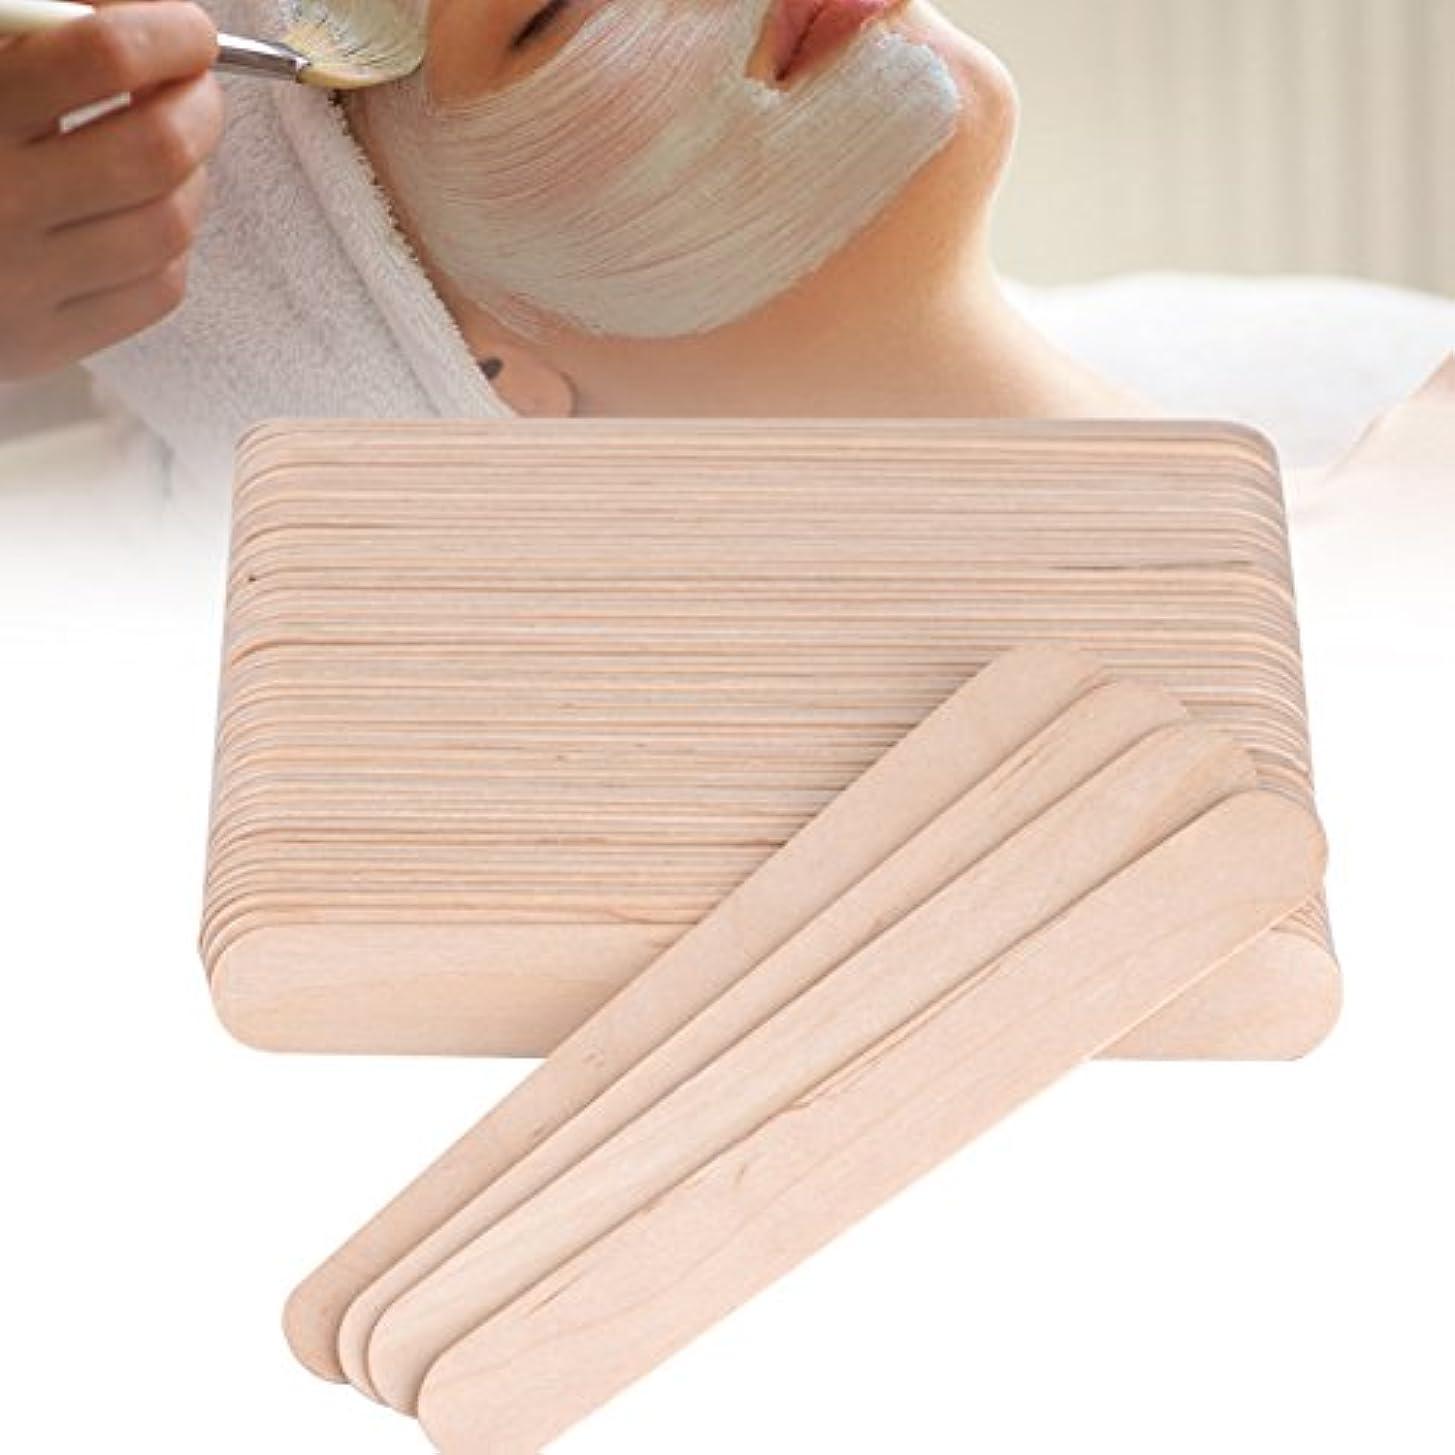 舌圧子ワックススティックスパチュラアプリケーター木製スパチュラ使い捨て業務用木製 100PCS /バッグ